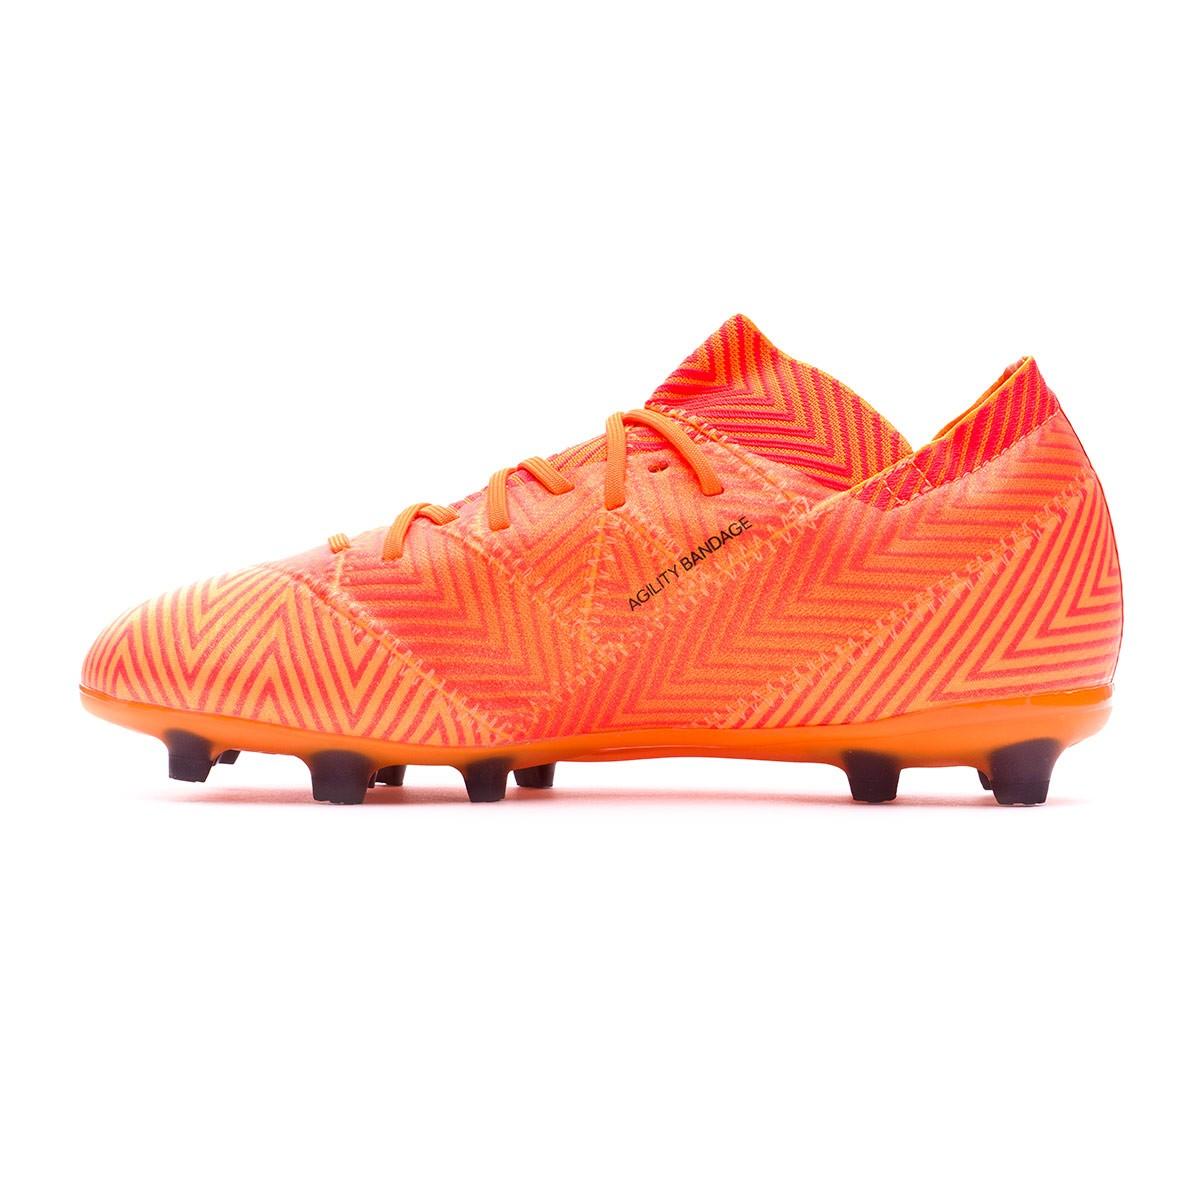 Bota de fútbol adidas Nemeziz 18.1 FG Niño Zest-Black-Solar red ... ede1b6d73cf4c